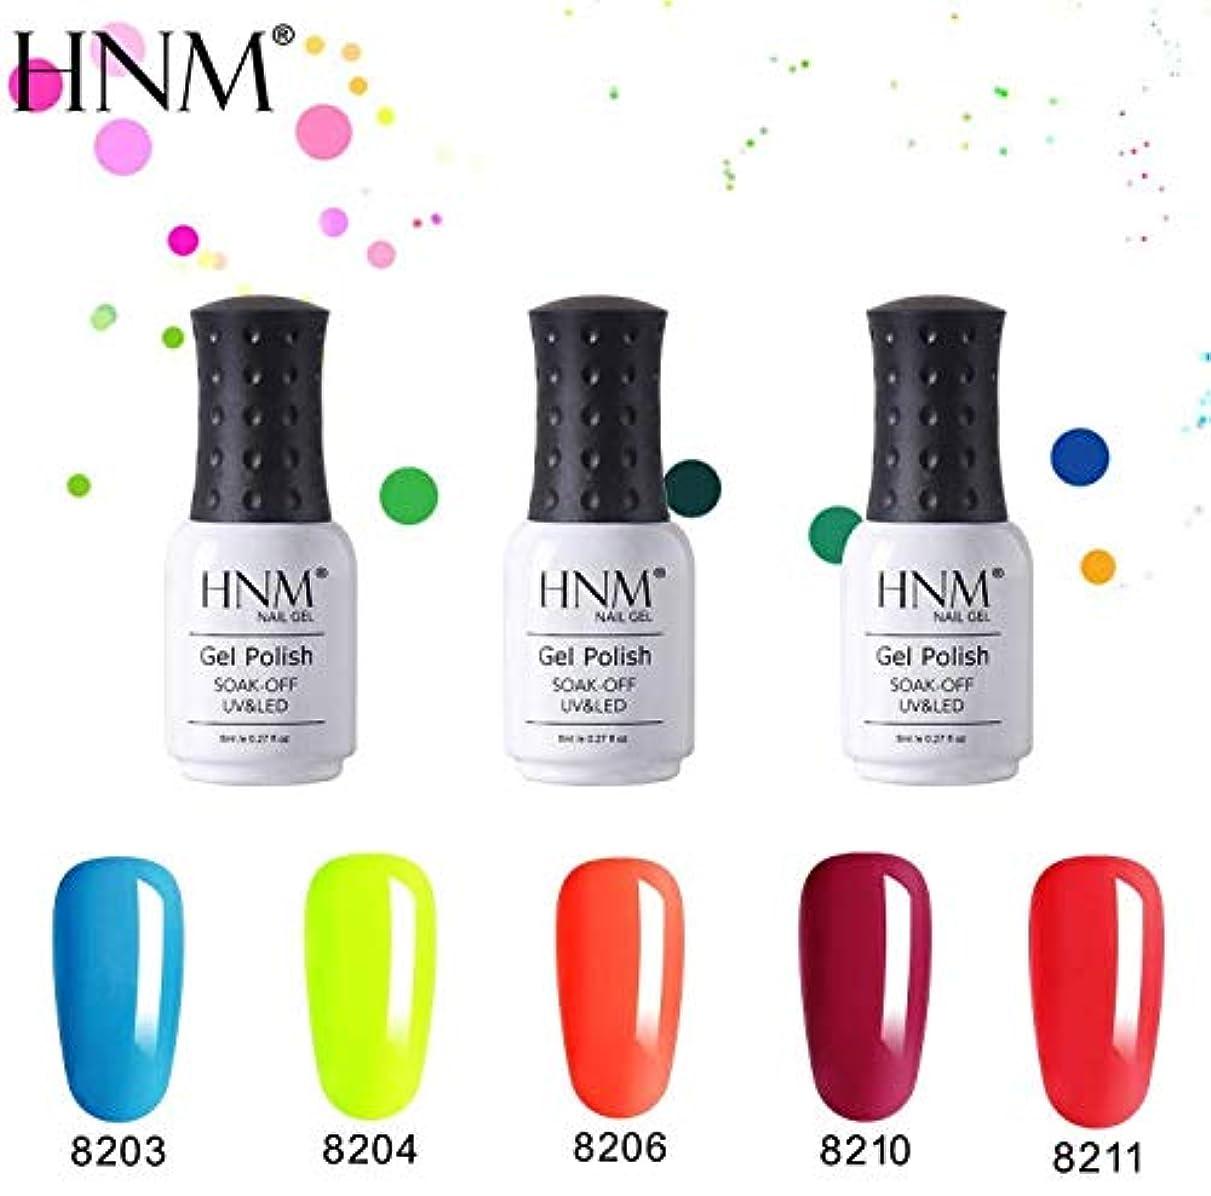 従順な成熟した精緻化HNM ジェルネイル カラージェル 蛍光色カラージェル 5色入り 8ml セット【全4セット選択可】